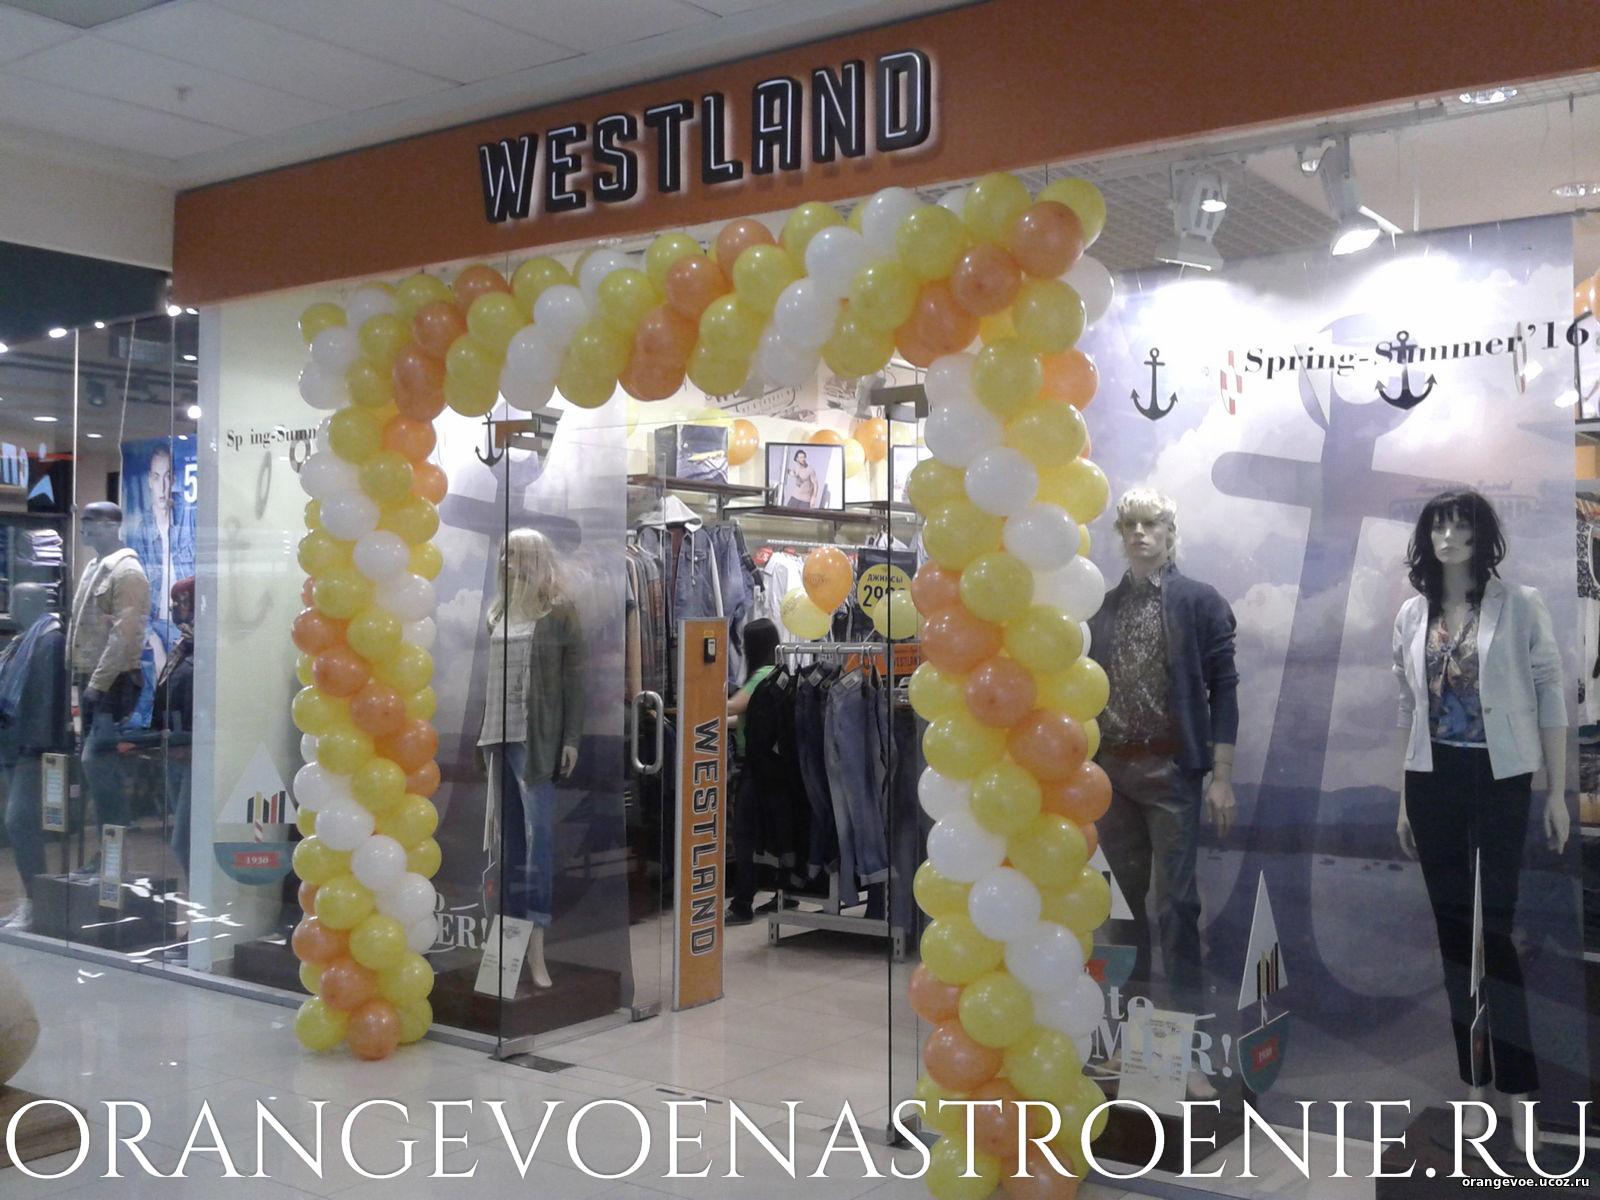 """Украшение магазина """"Westland"""" в Самаре"""